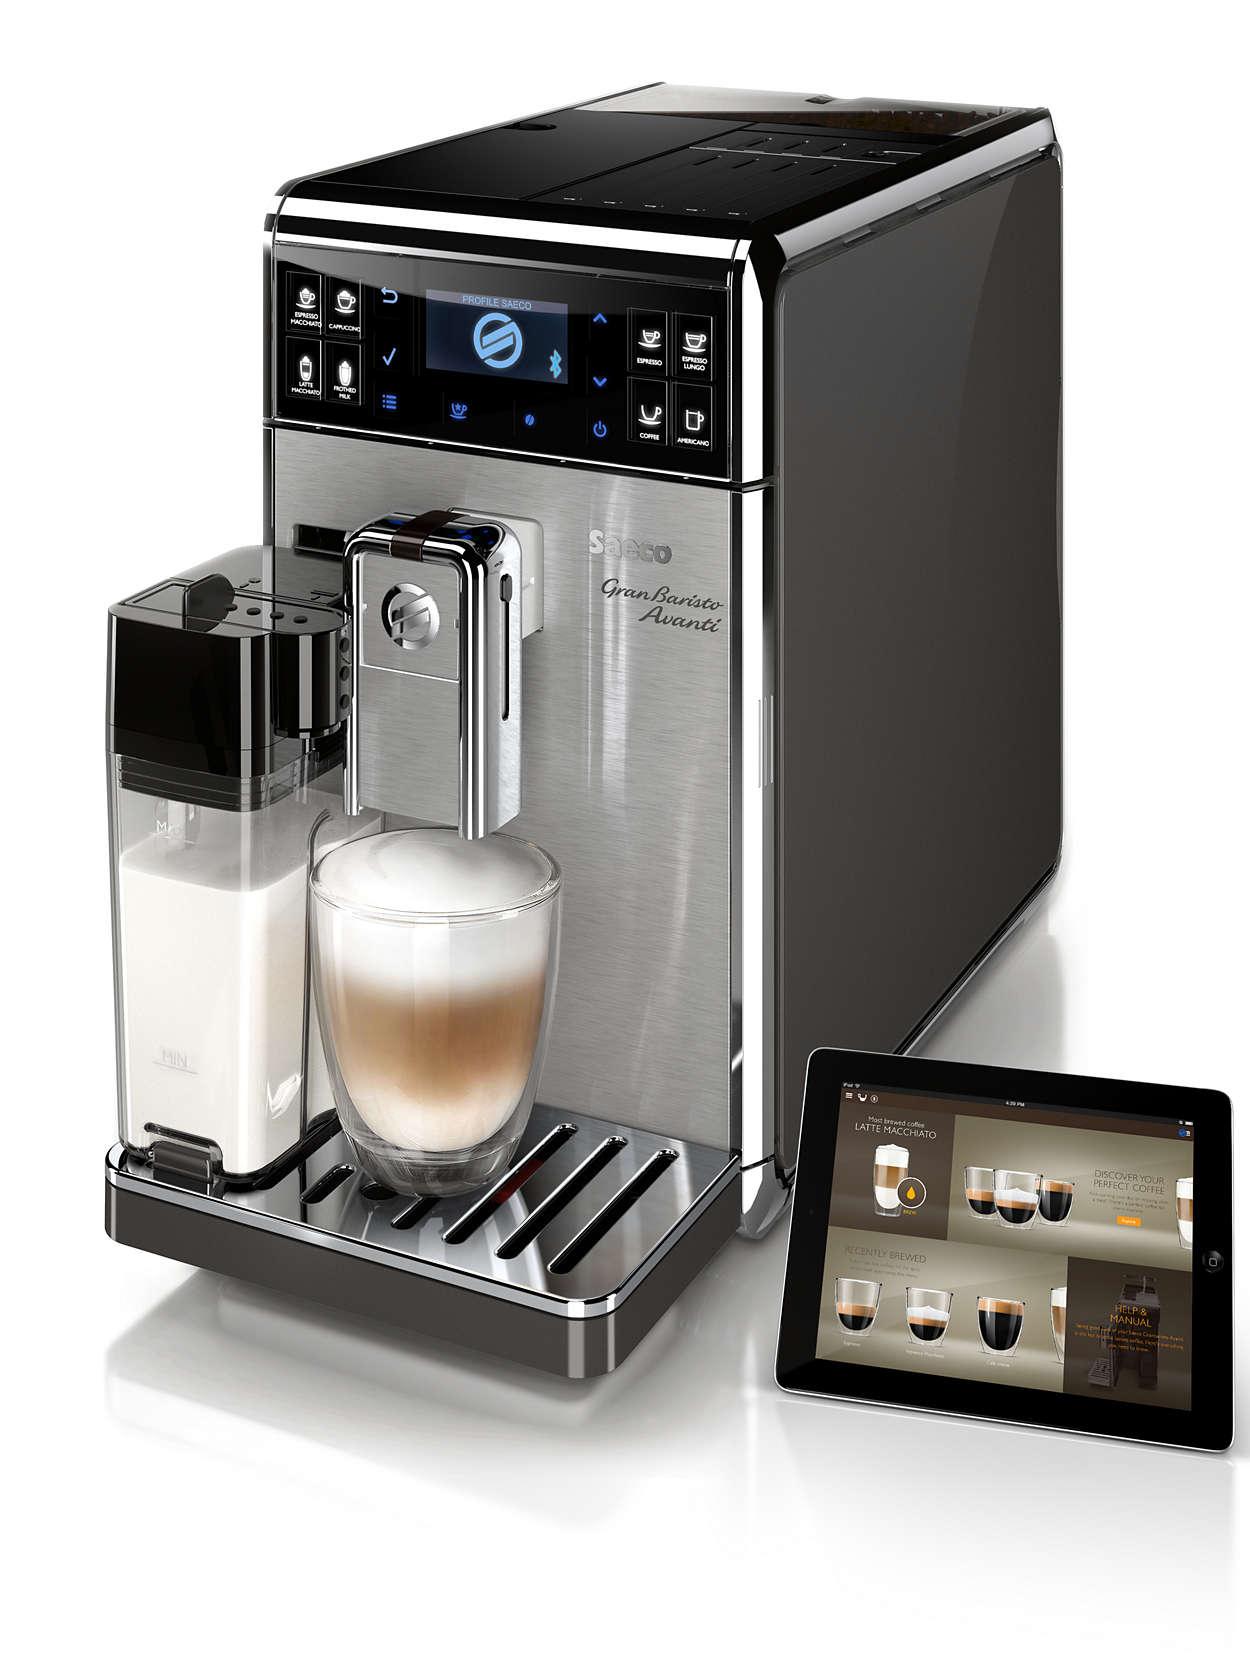 Saeco Granbaristo Avanti Super Automatic Espresso Machine